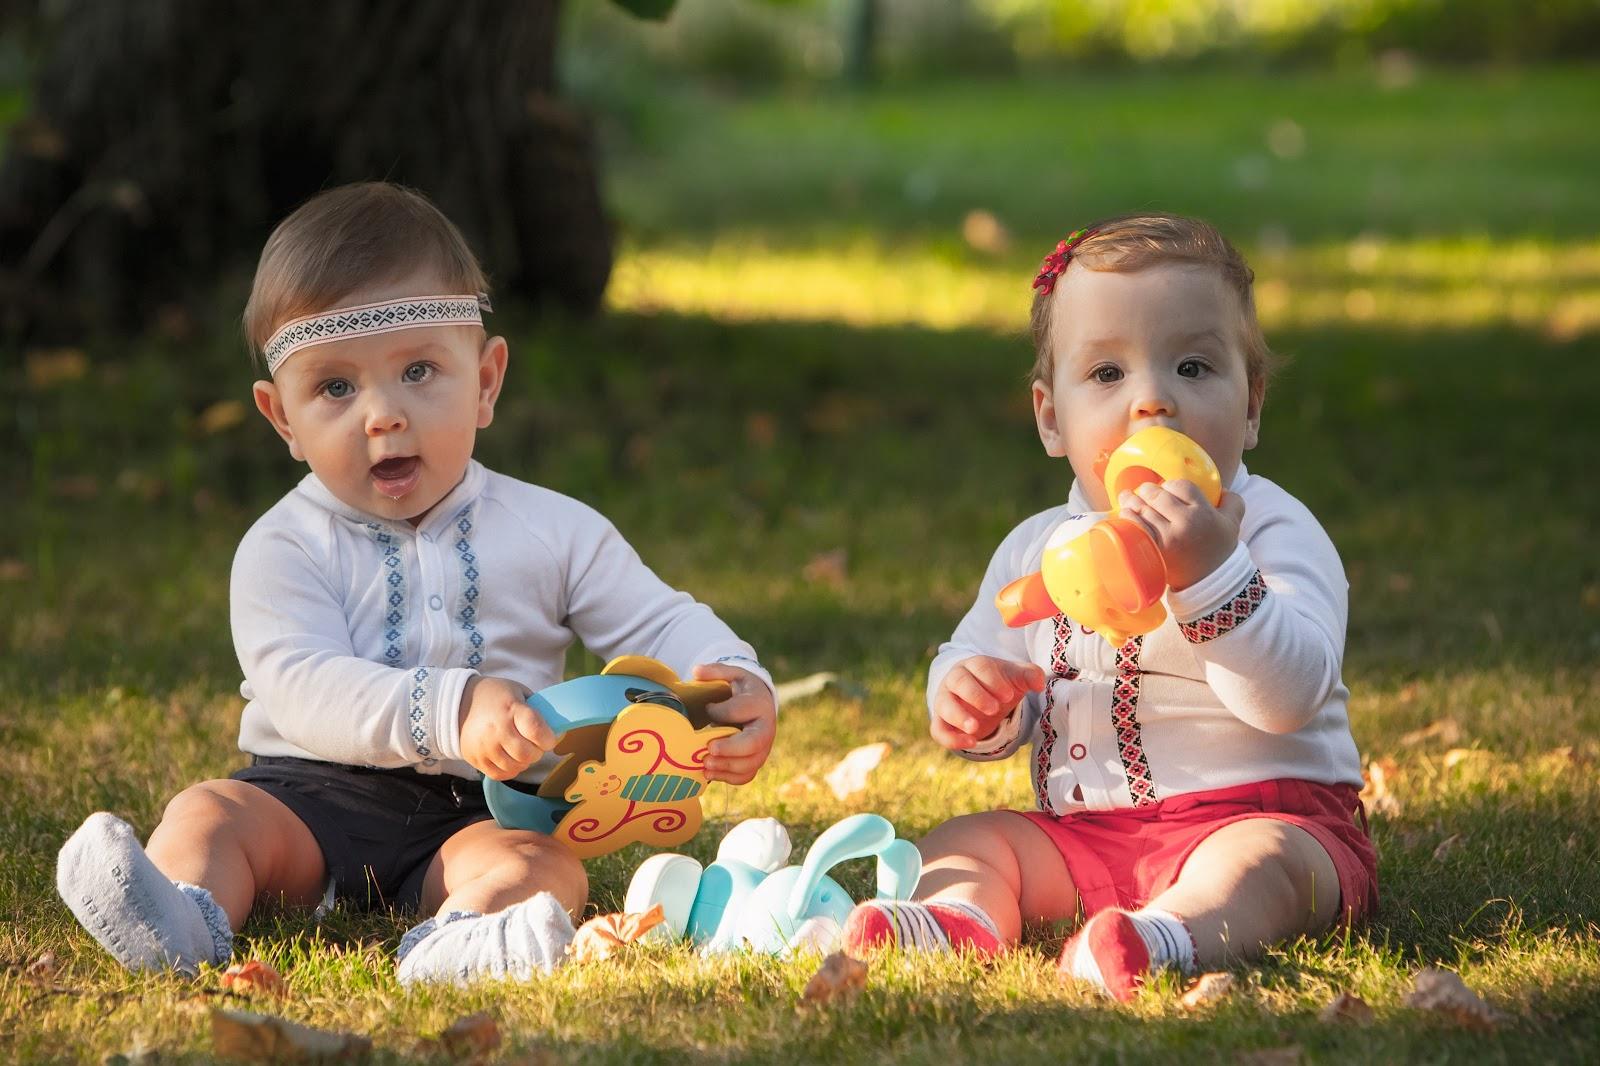 Em meio à crise de coronavírus, crianças não brincam em parques e playgrounds e, com isso, deixam de se socializar com outros bebês (Fonte: Freepik)